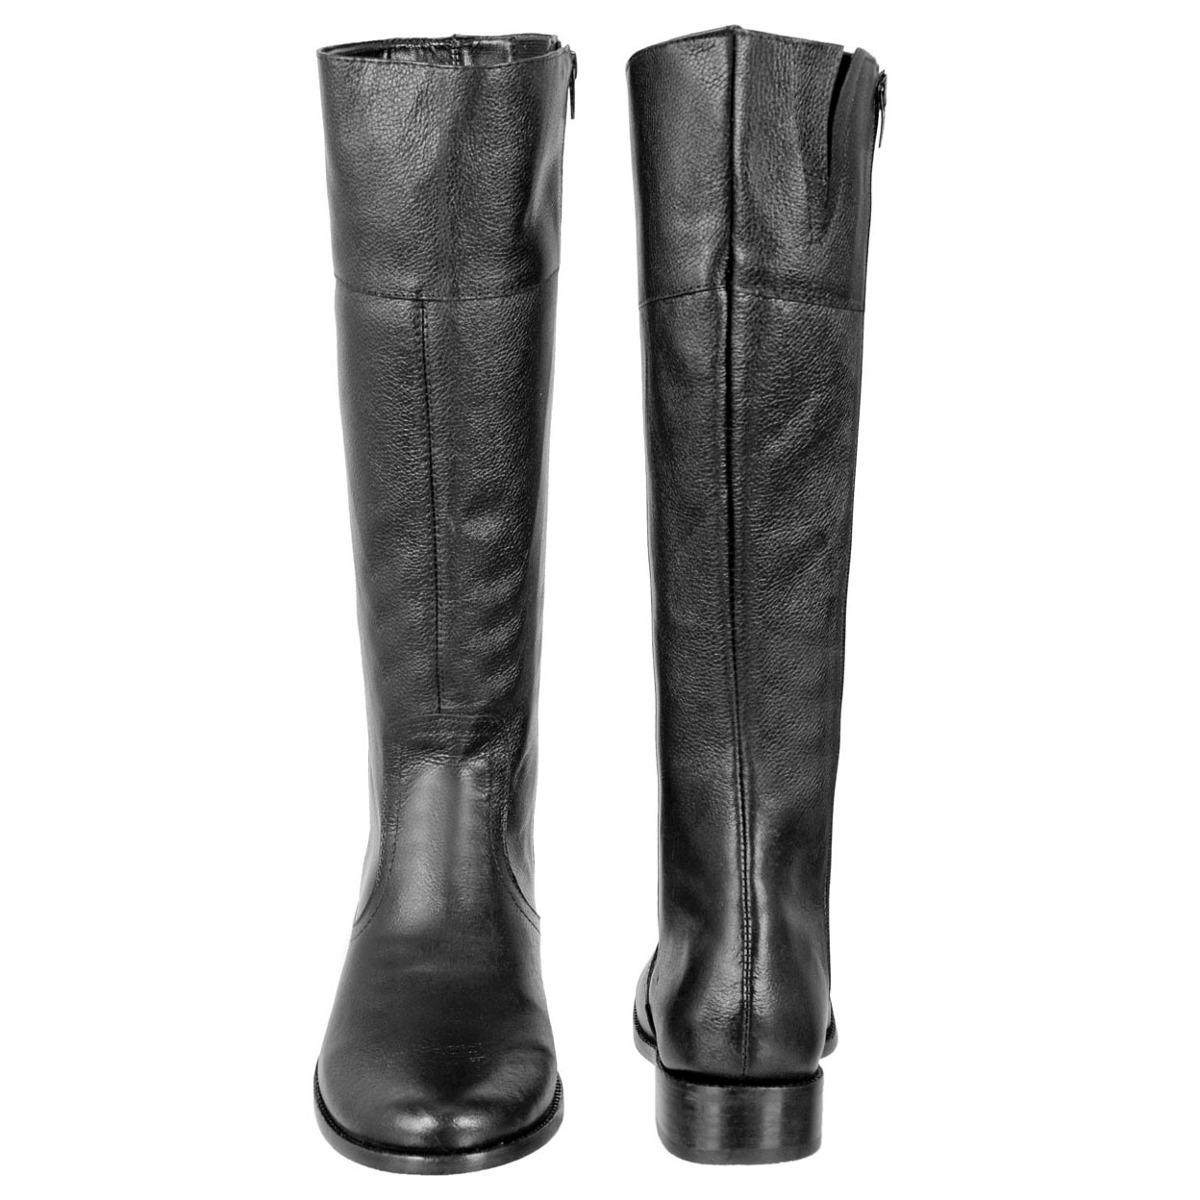 c016b87f65 bota montaria feminina cano médio em couro super leve 205. Carregando zoom.